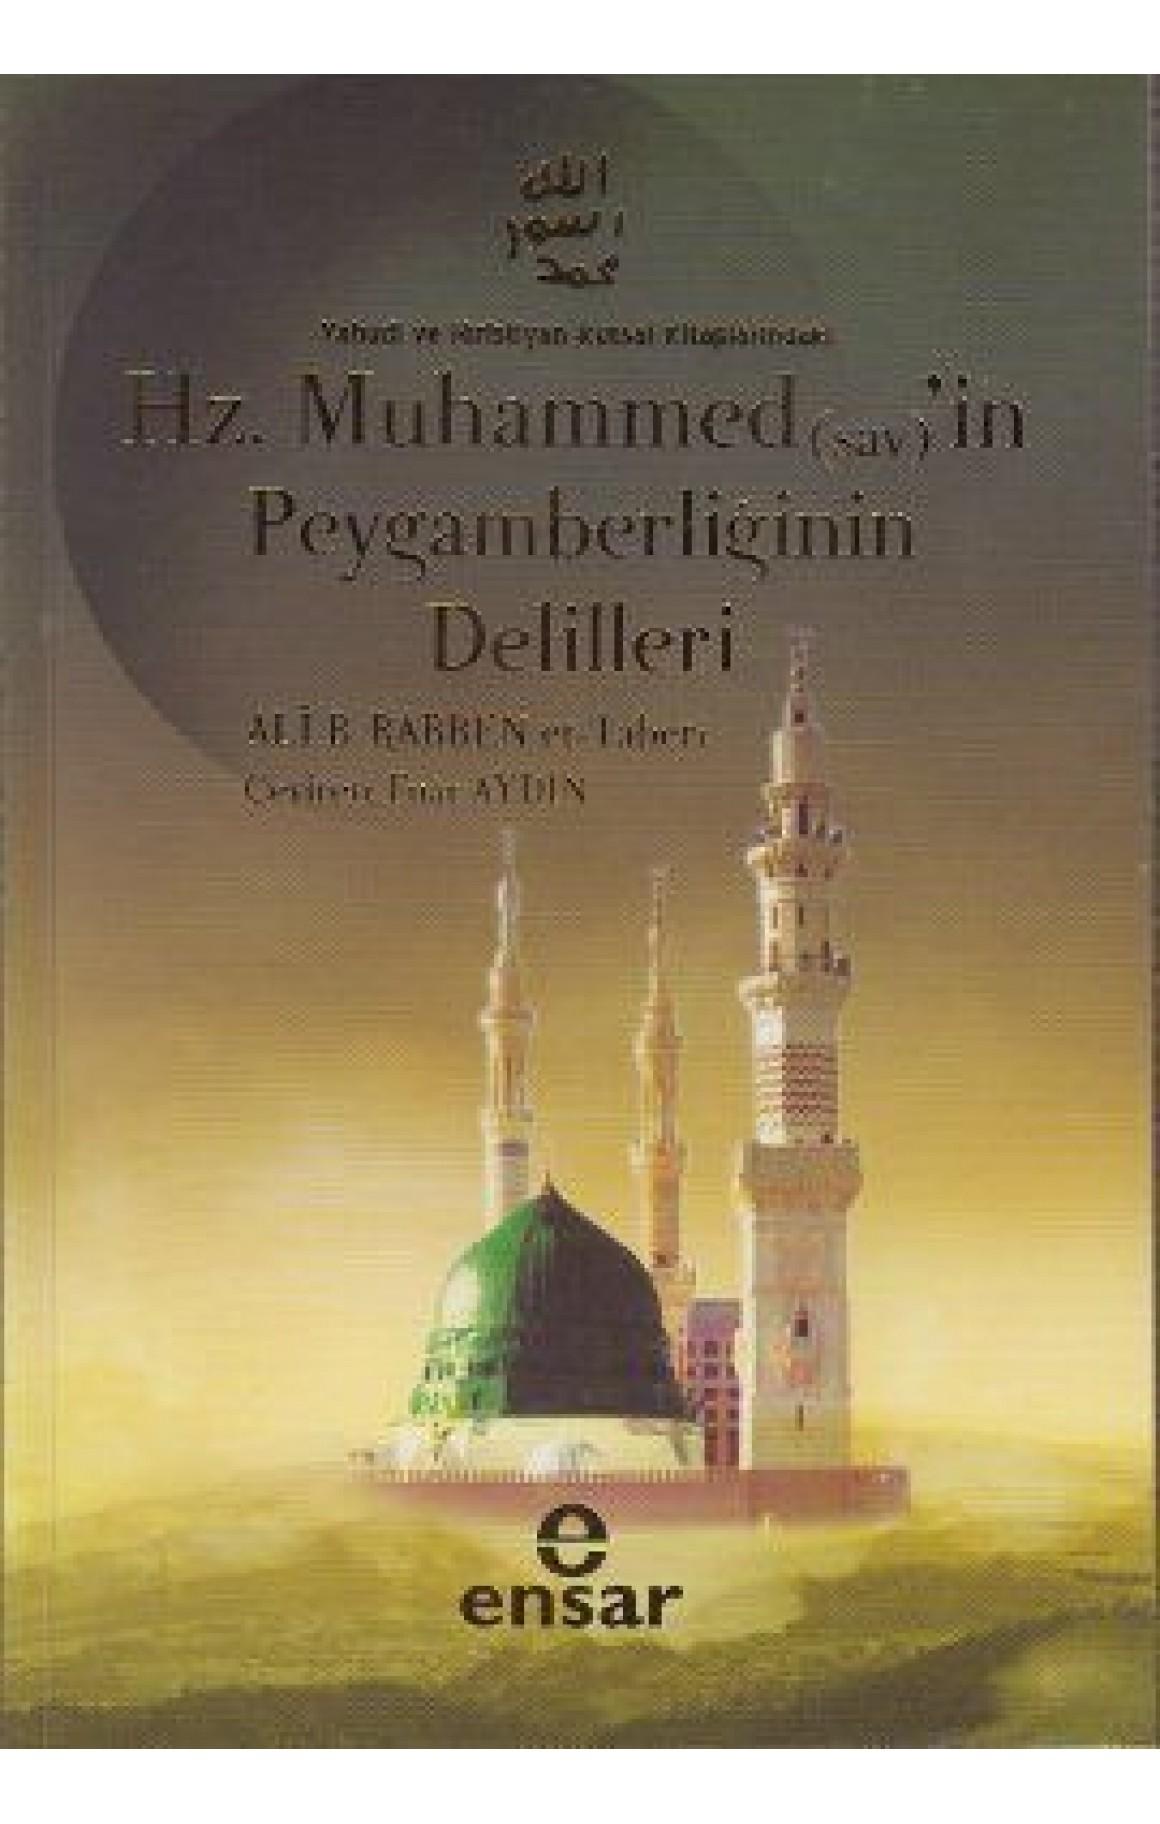 Yahudi ve Hristiyan Kutsal Kitaplarındaki Hz. Muhammed (sav)in Peygamberliğinin Delilleri